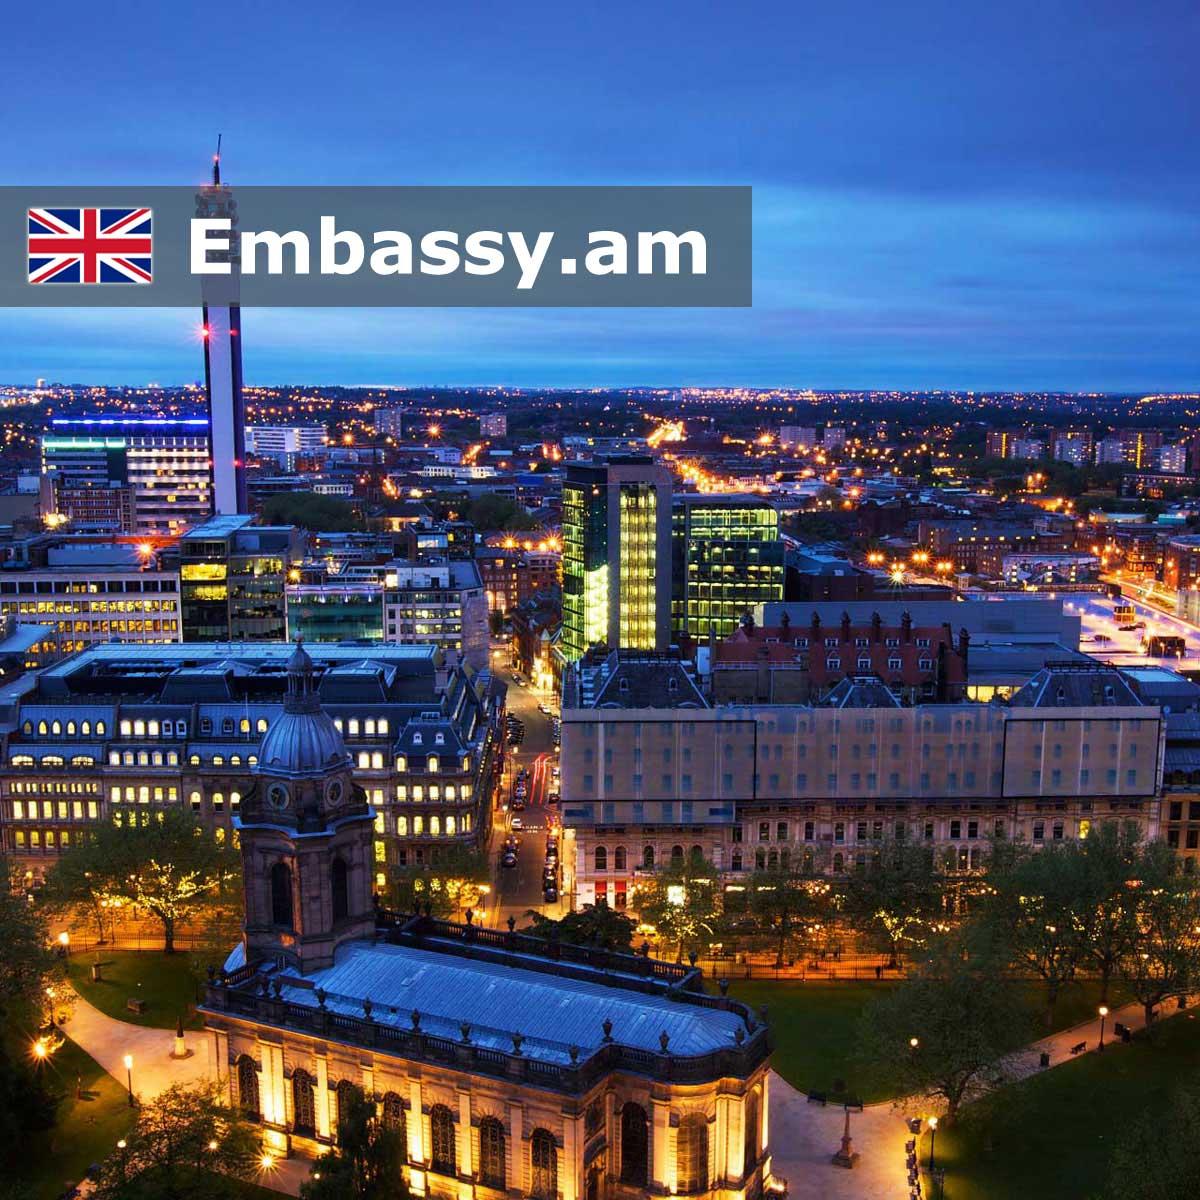 Բիրմինգհեմ - Հյուրանոցներ Միացյալ Թագավորությունում - Embassy.am